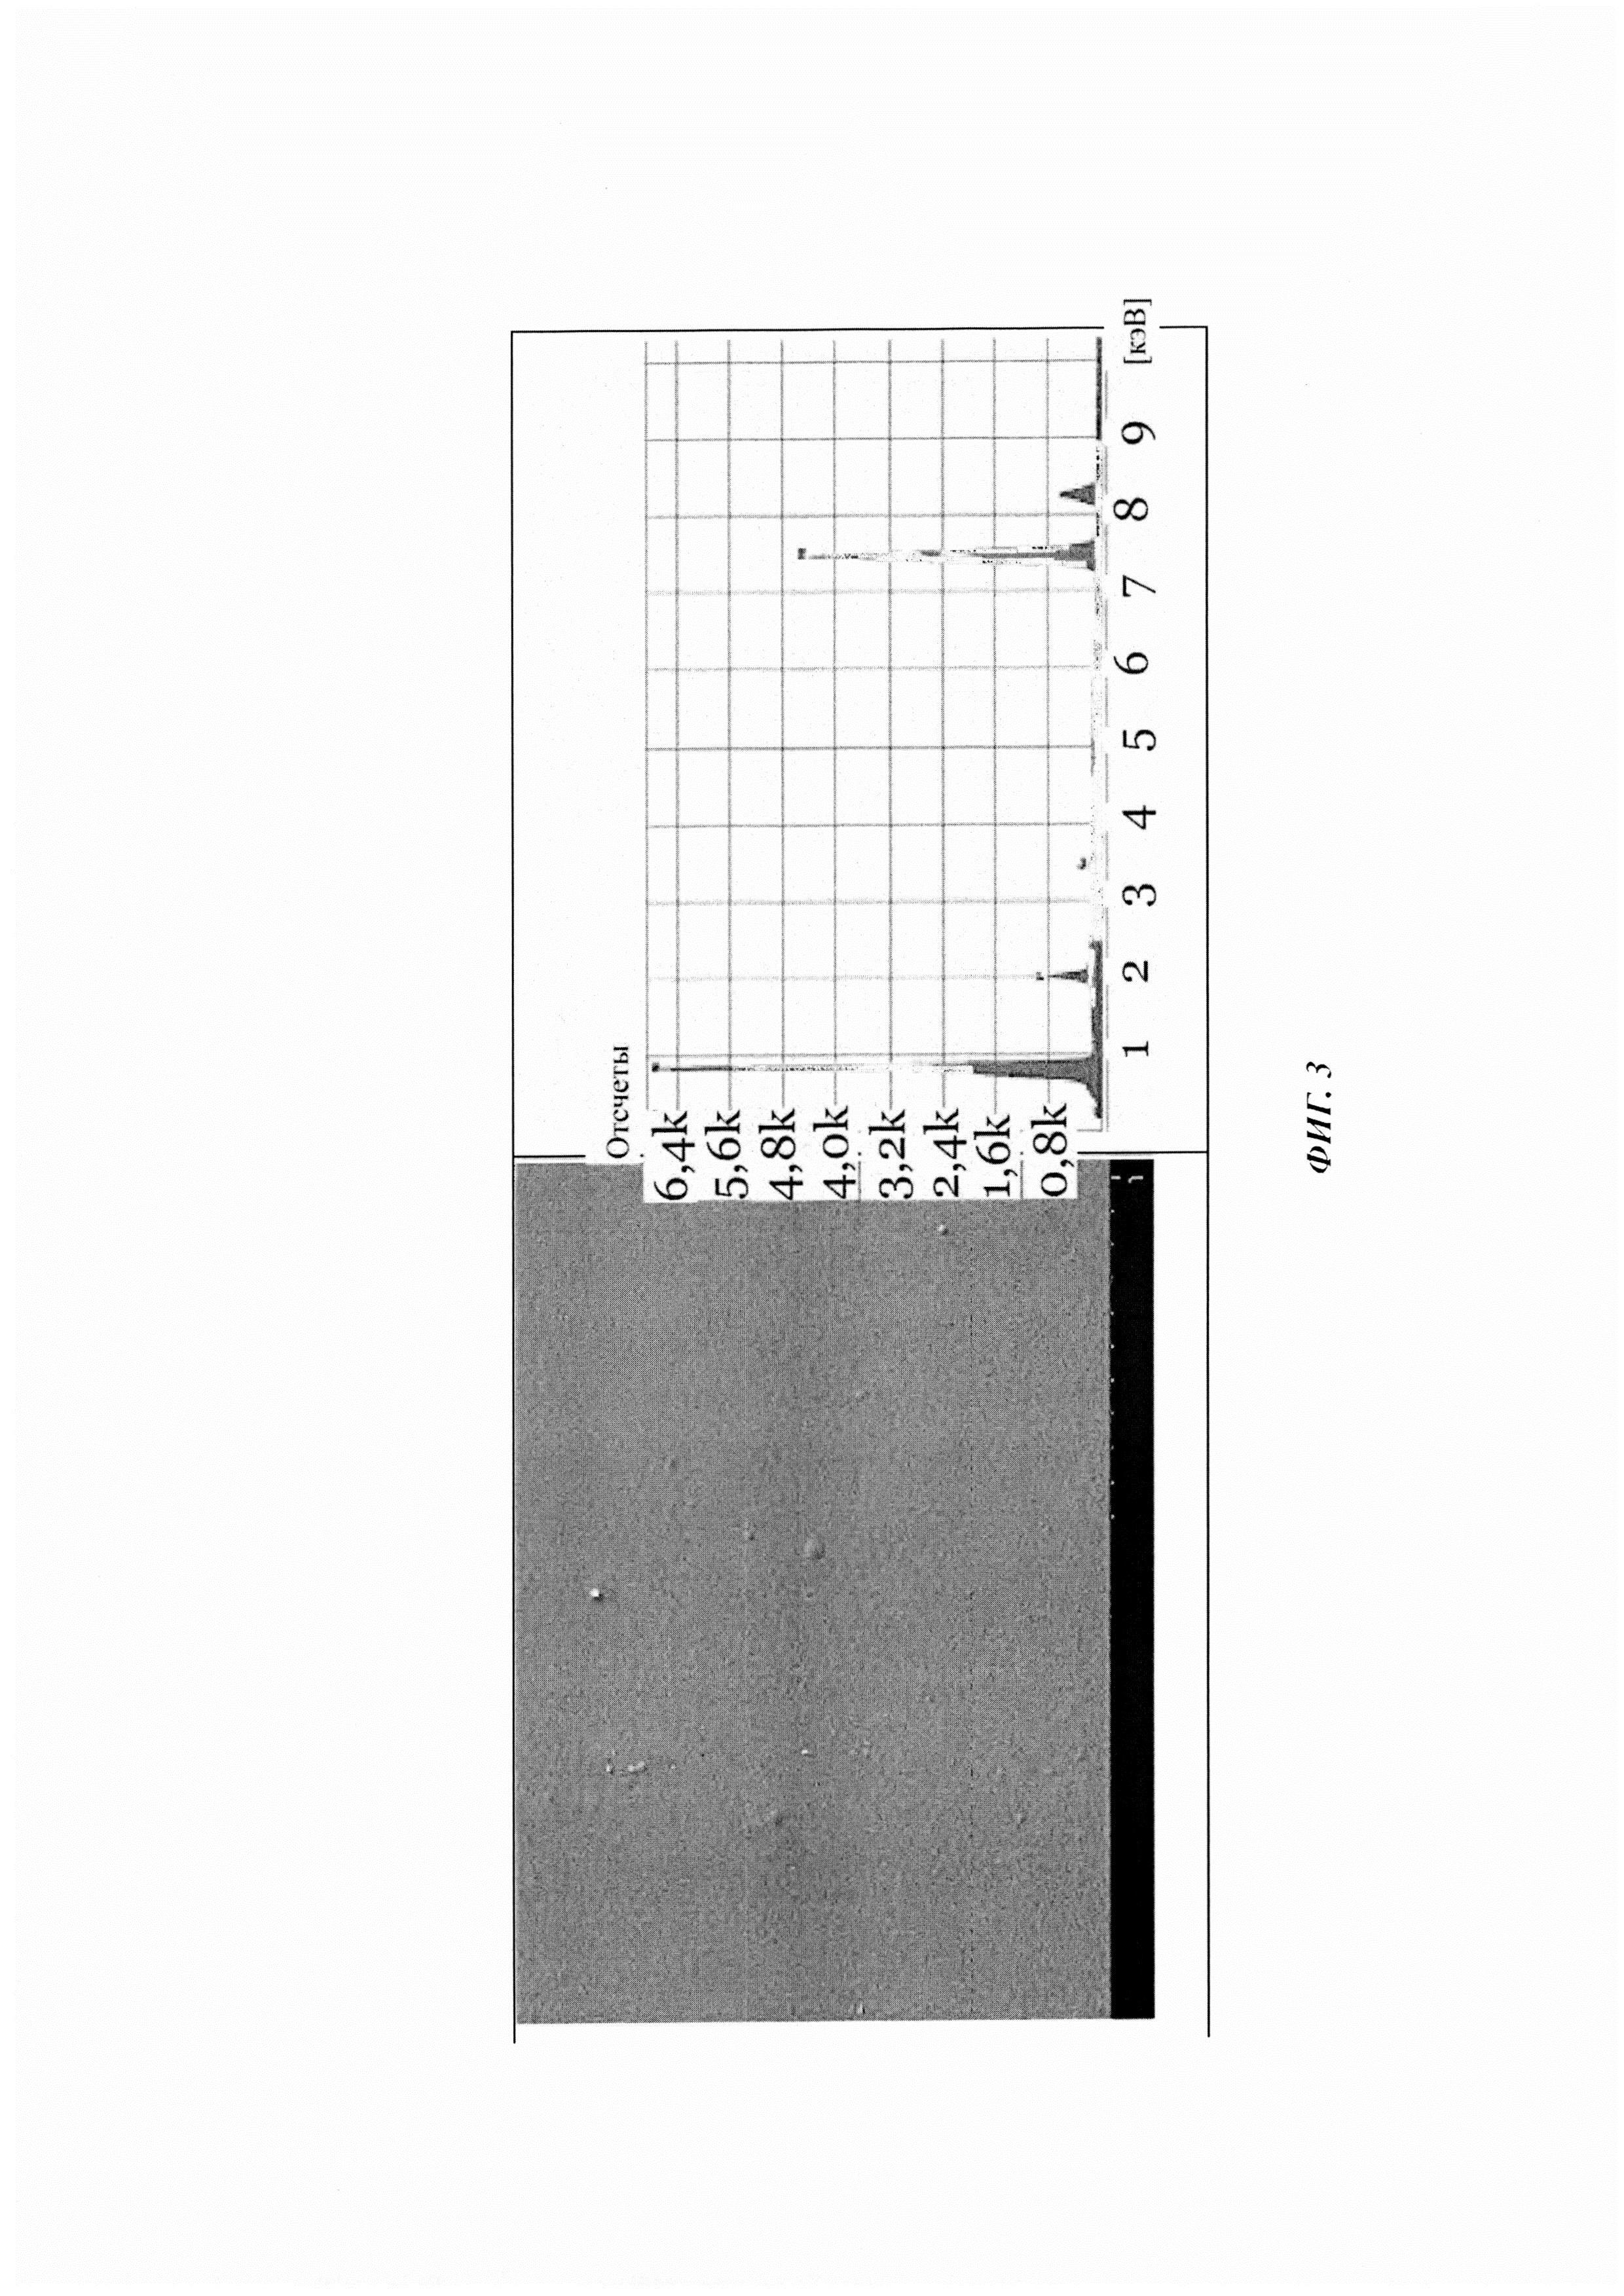 Покрытие функциональных элементов из металла